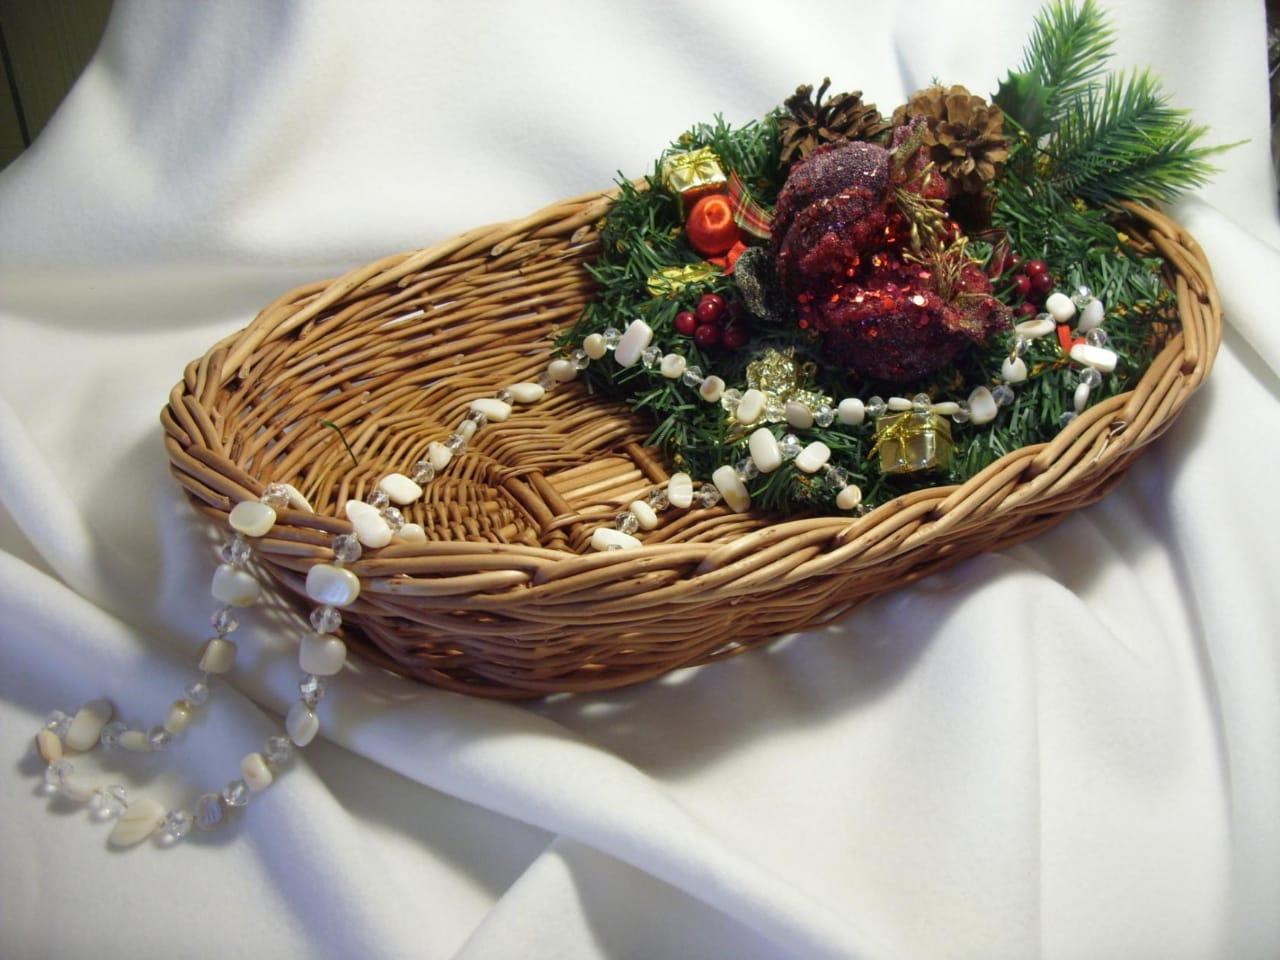 Приглашаем на мастер-класс по плетению новогодней корзины